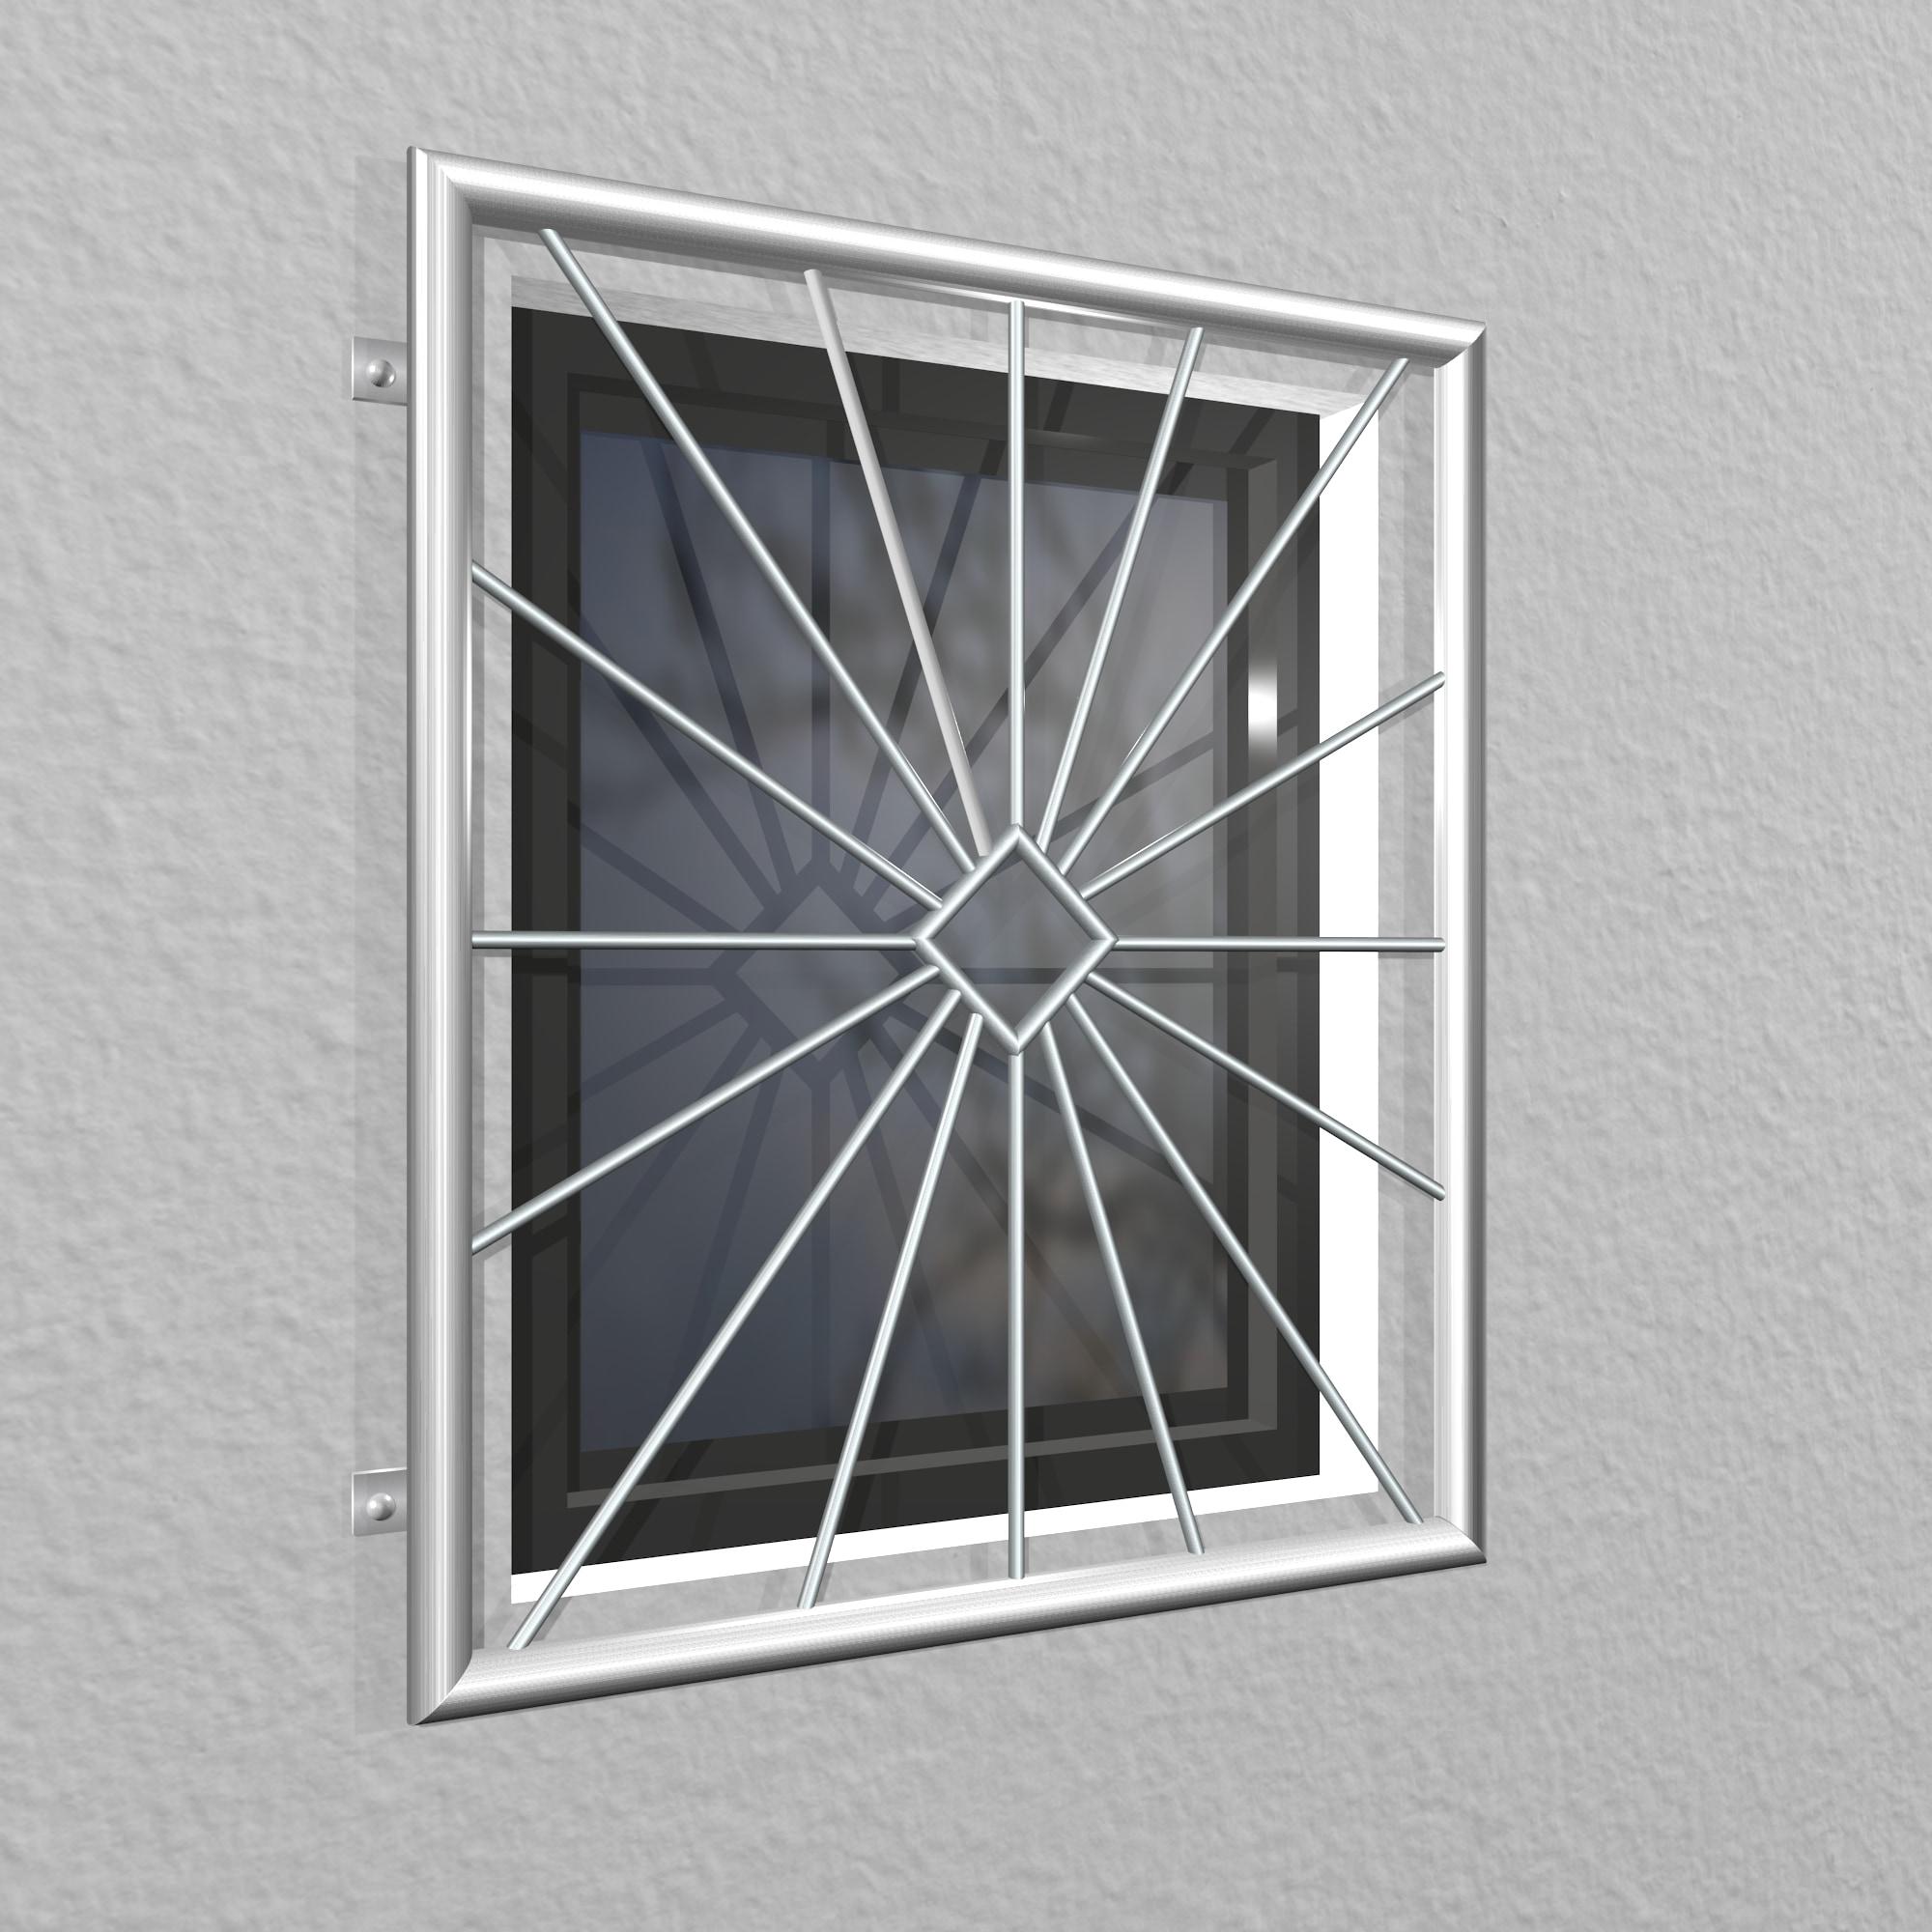 Fenstergitter Edelstahl Sonne Karo